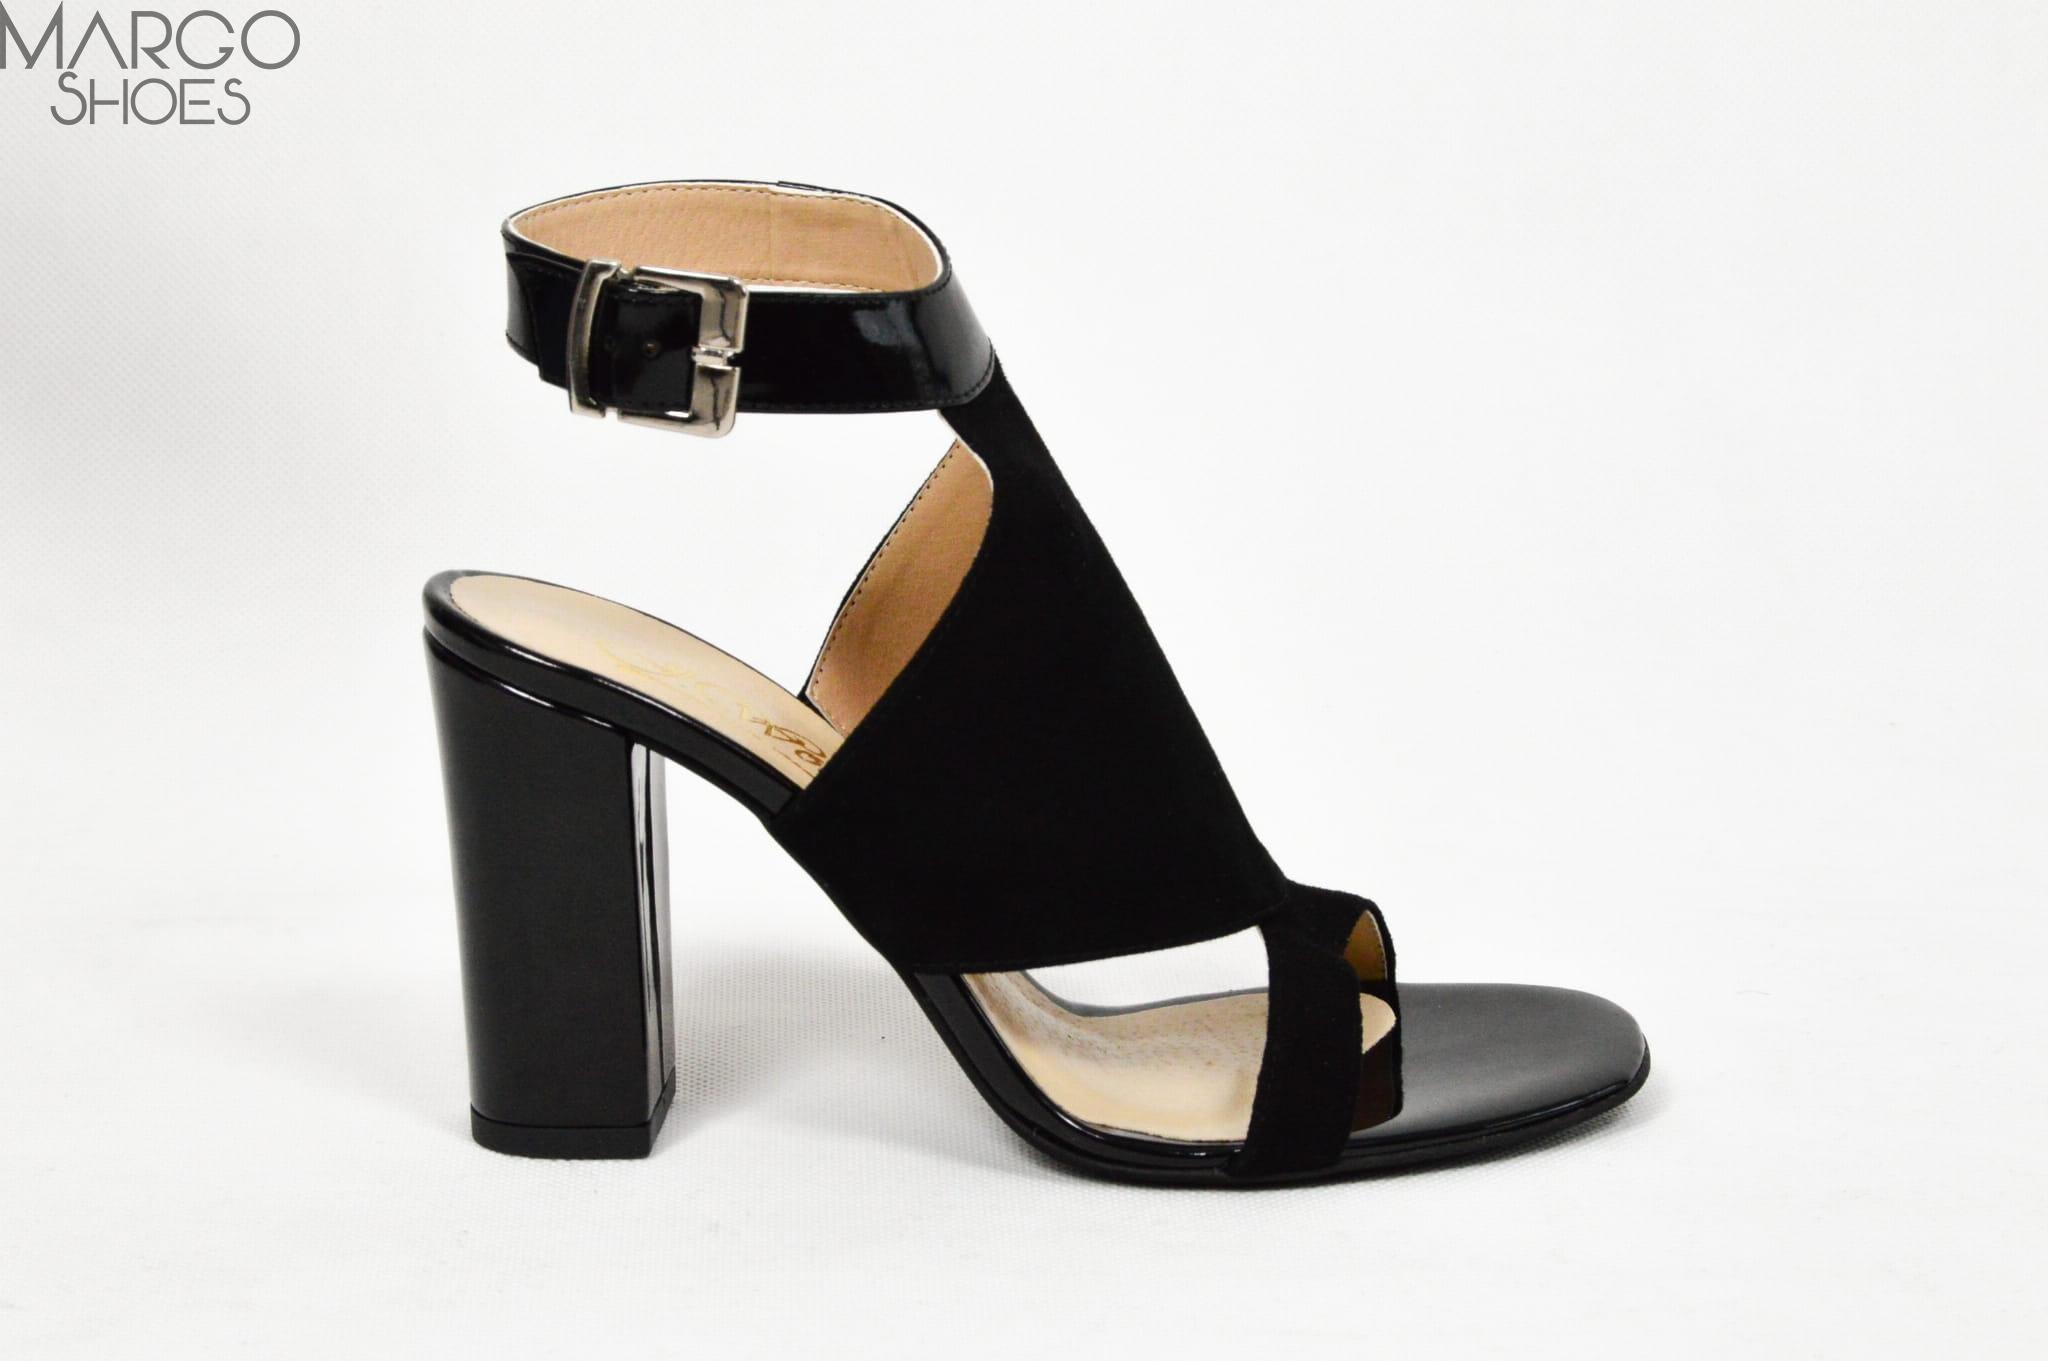 8c82844ab66bb4 MargoShoes czarne letnie sandałki na słupku skóra naturalna produkt ...